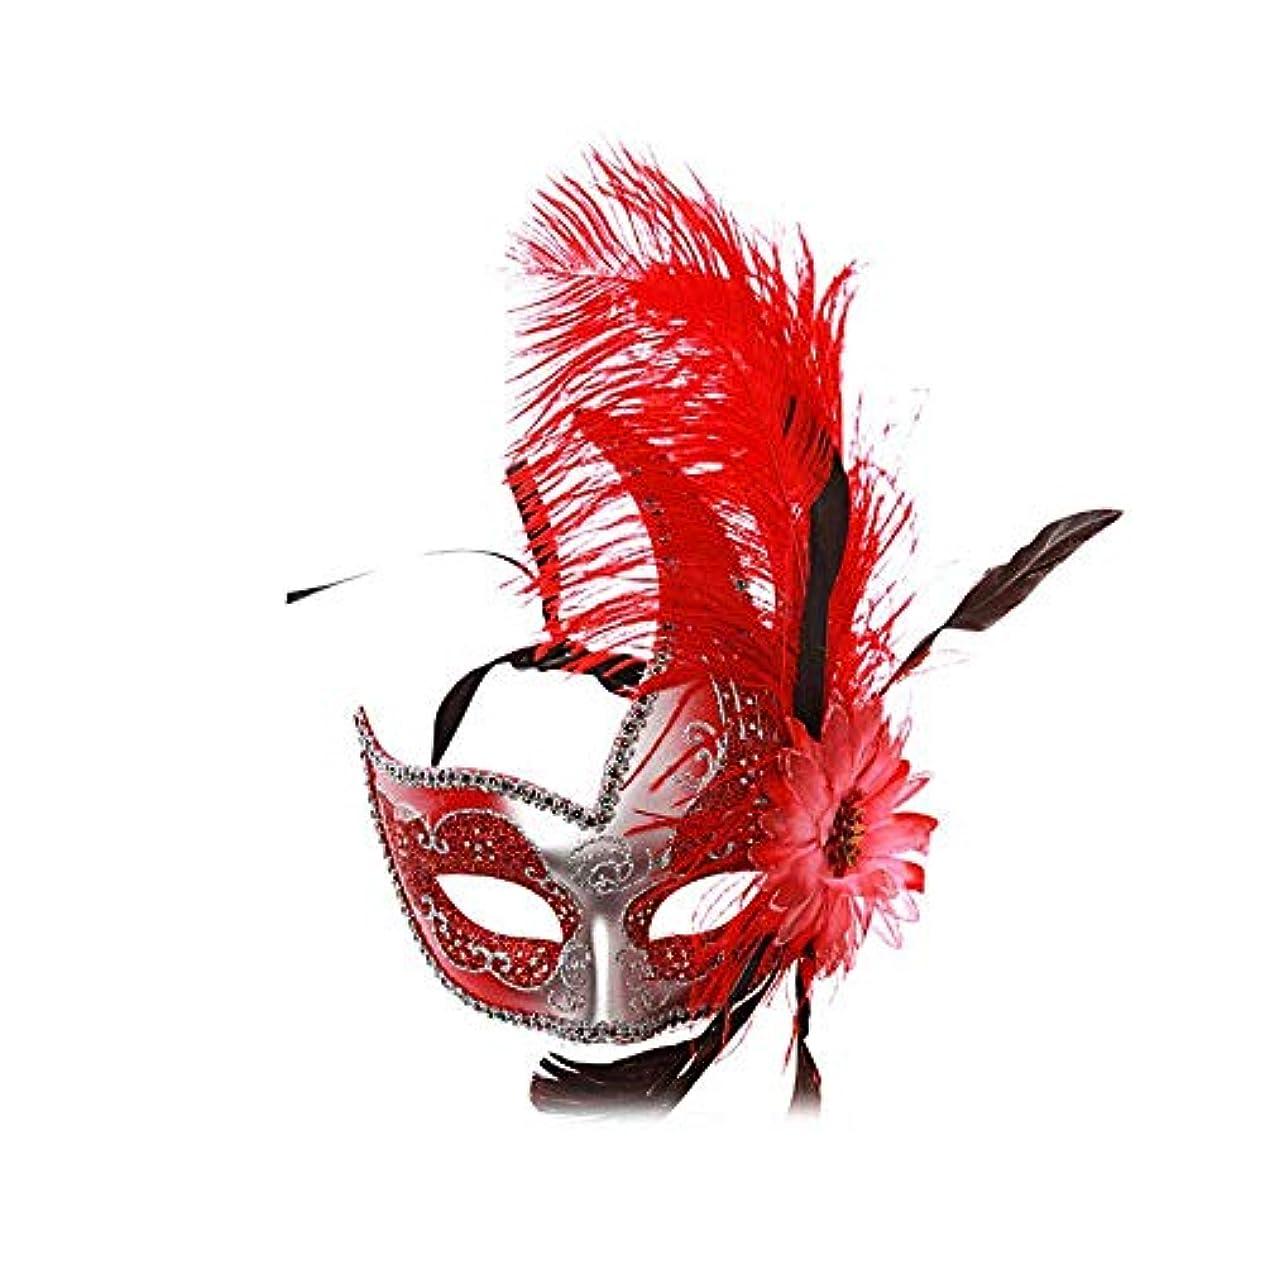 干し草ロイヤリティ緩めるNanle ハロウィンマスクハーフフェザーマスクベニスプリンセスマスク美容レース仮面ライダーコスプレ (色 : Style B red)